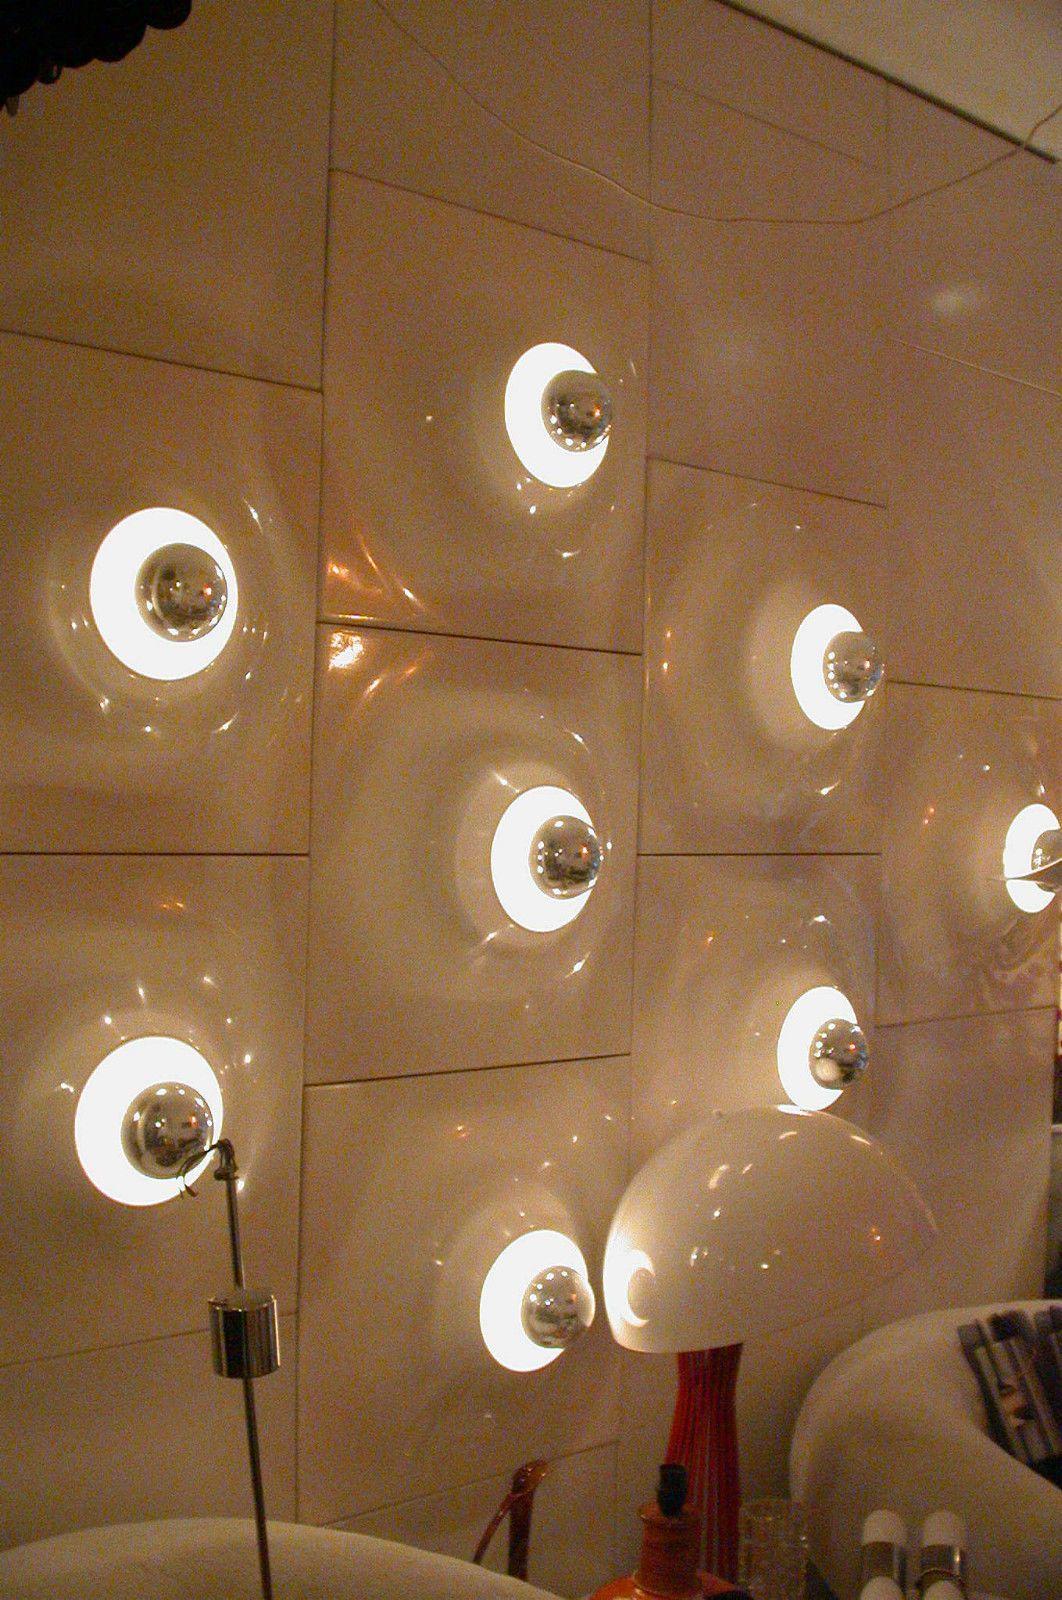 9 Lumo E Age Wall Panels Designed By Delta Dimension Verner Panton Style Ebay Futuristic